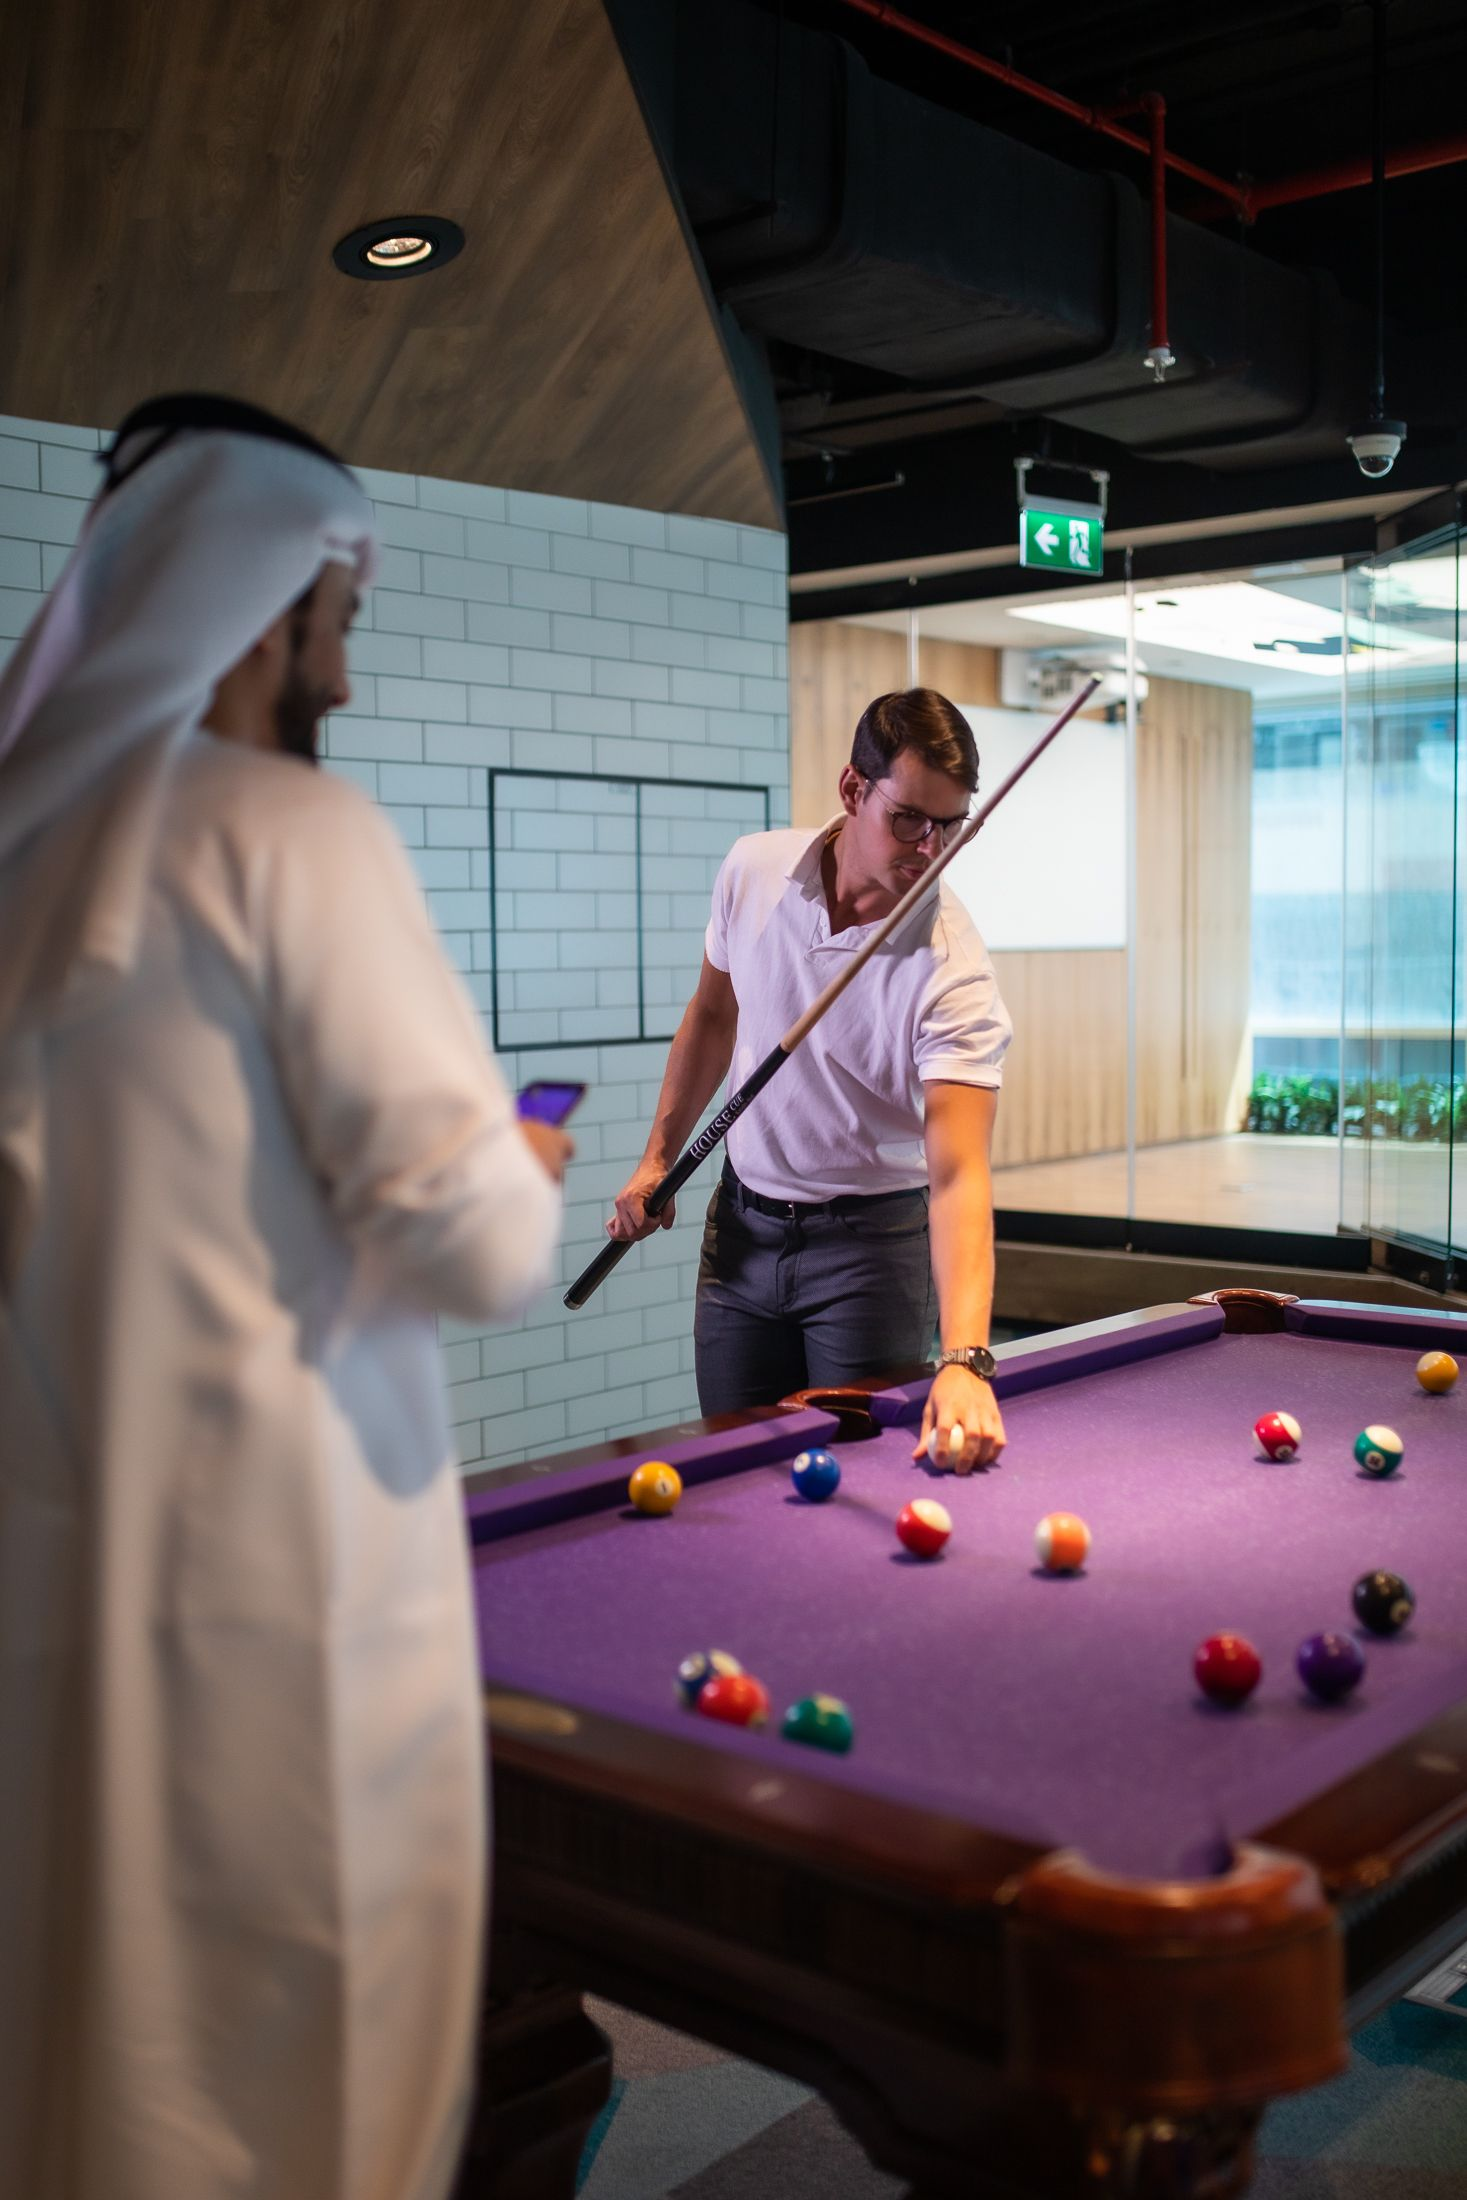 UNBOX, Dubai